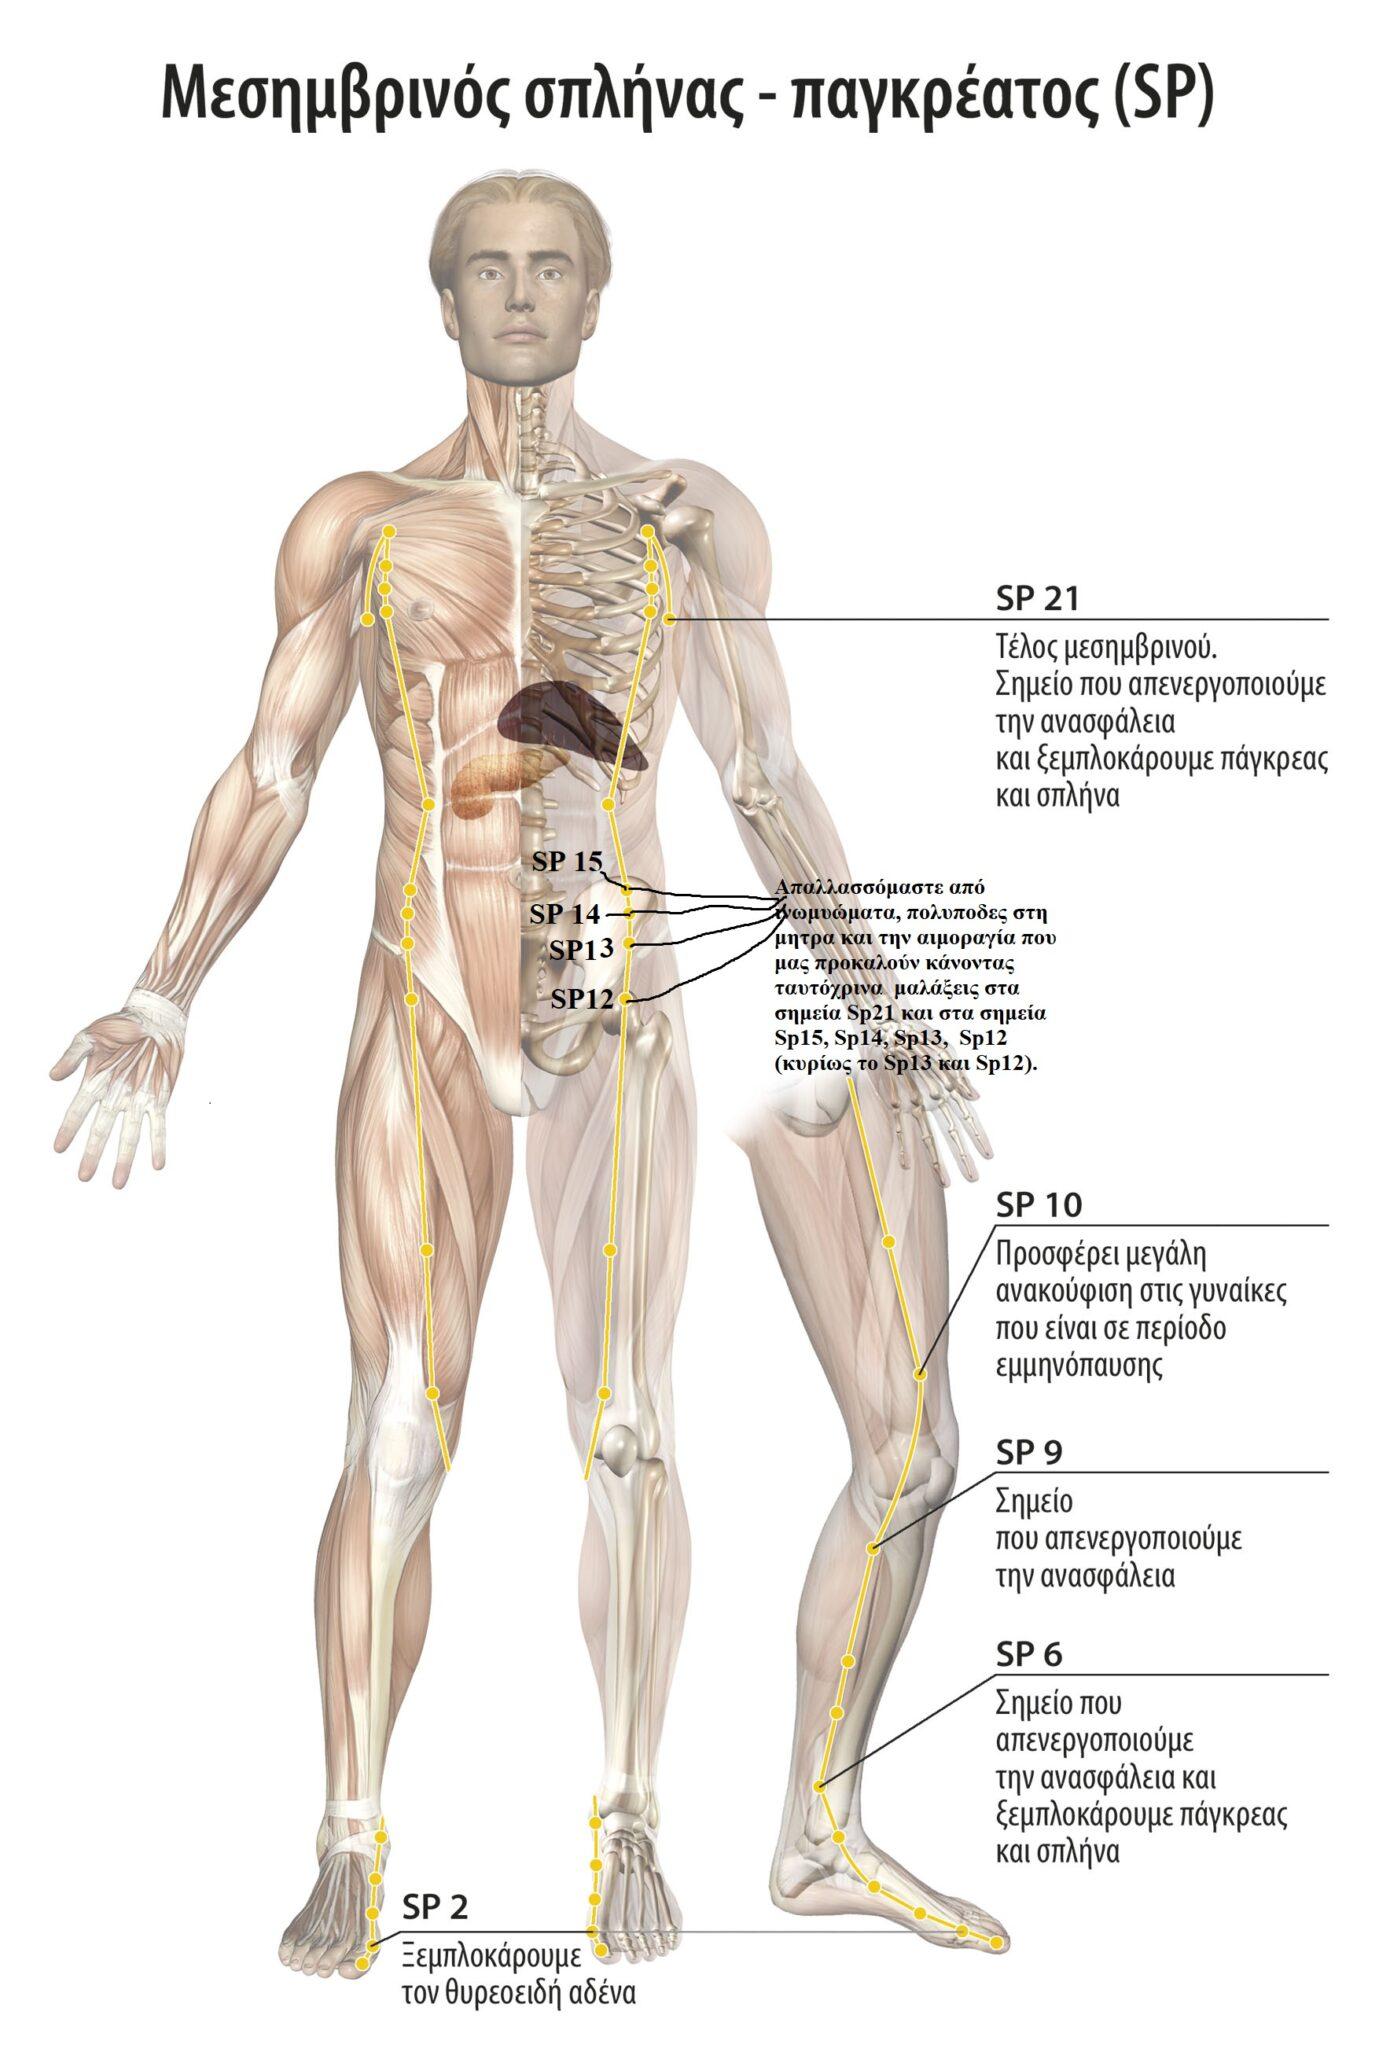 Αυτοθεραπεία  από πολύποδα στη χολή και στη μήτρα, καθώς και πέτρες στα νεφρά, της Ιωάννας Νάκας, ξεμπλοκάροντας τον μεσημβρινό της χολής, τον μεσημβρινό των νεφρών, και μεσημβρινό της σπλήνας πάγκρεας. 5